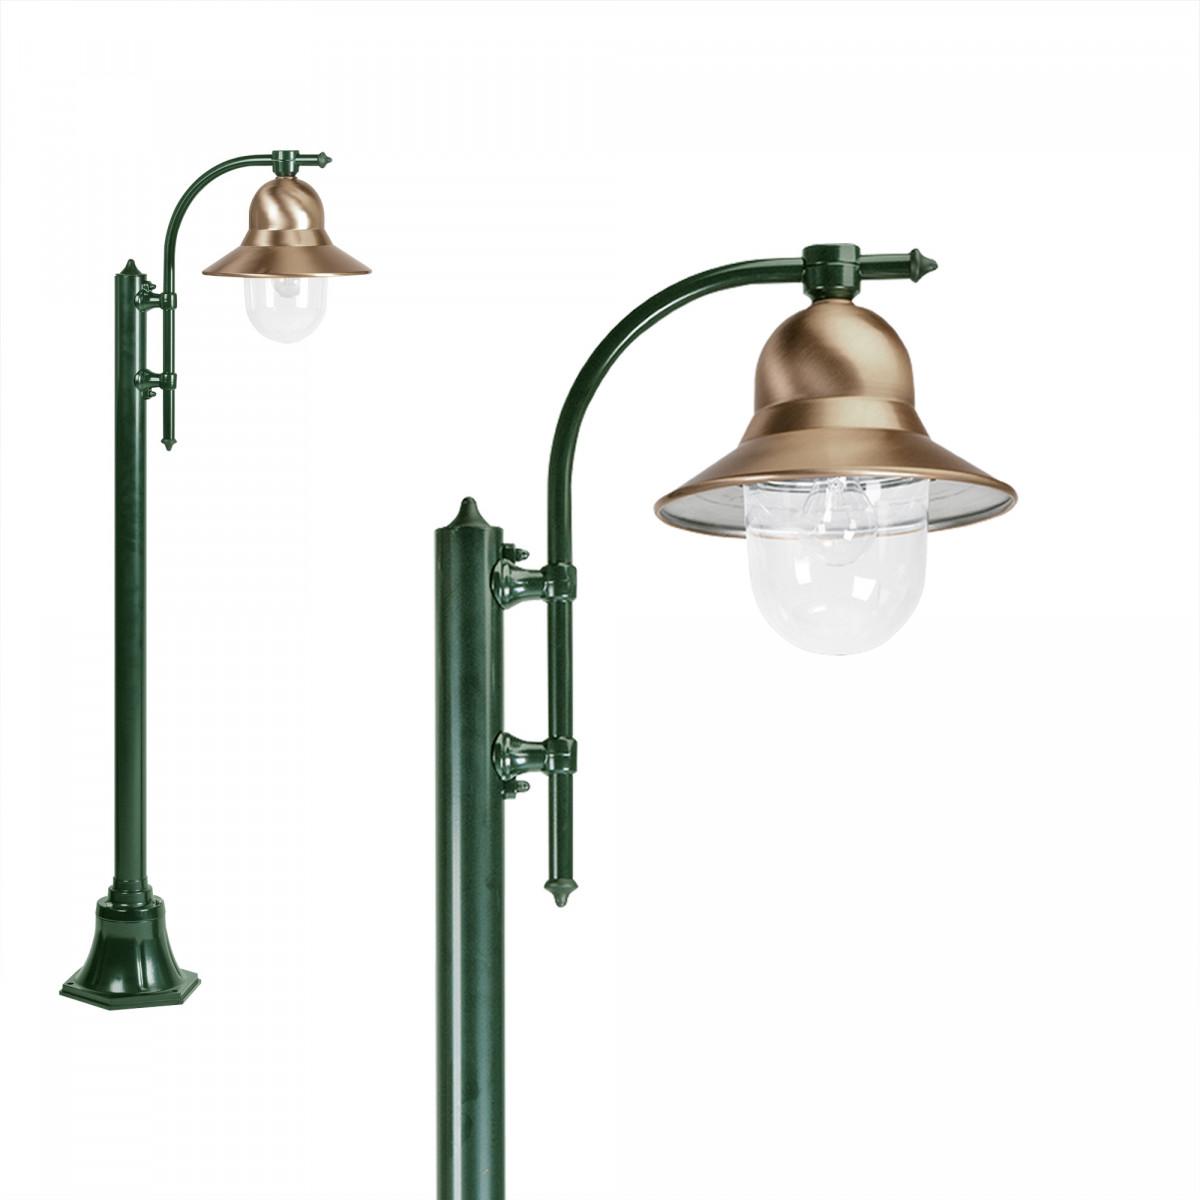 Toscane lantaarn (5104) - KS Verlichting - Semi Klassiek Landelijk